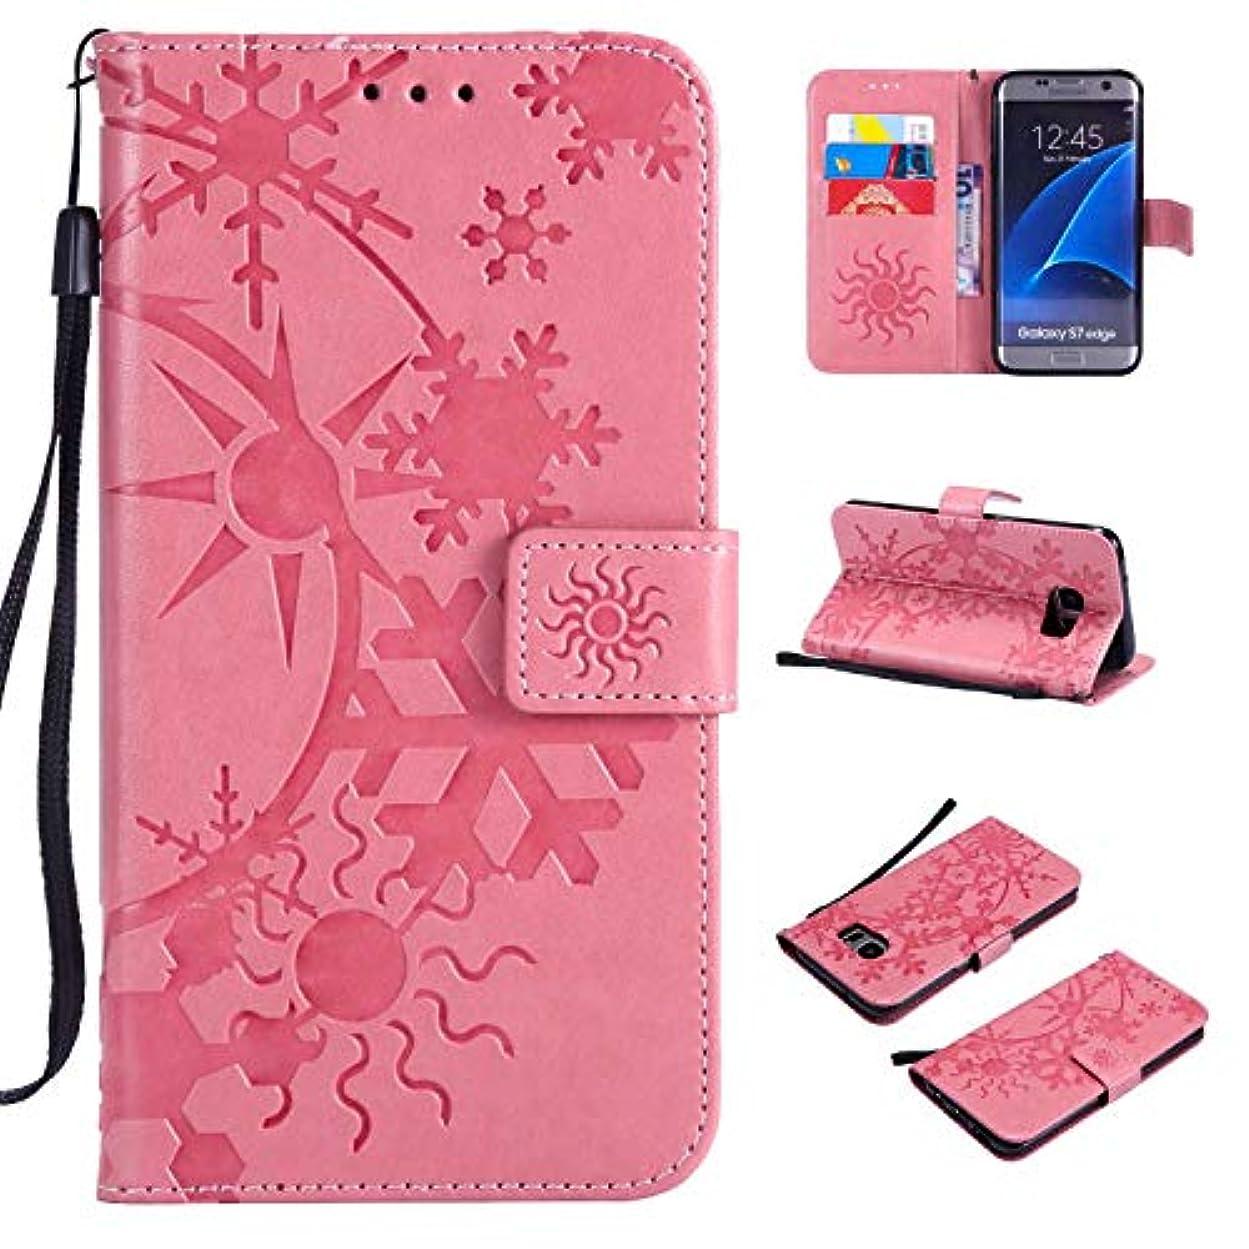 マイナーメッセージ教育学Galaxy S7 Edge ケース CUSKING 手帳型 ケース ストラップ付き かわいい 財布 カバー カードポケット付き Samsung ギャラクシー S7 Edge マジックアレイ ケース - ピンク